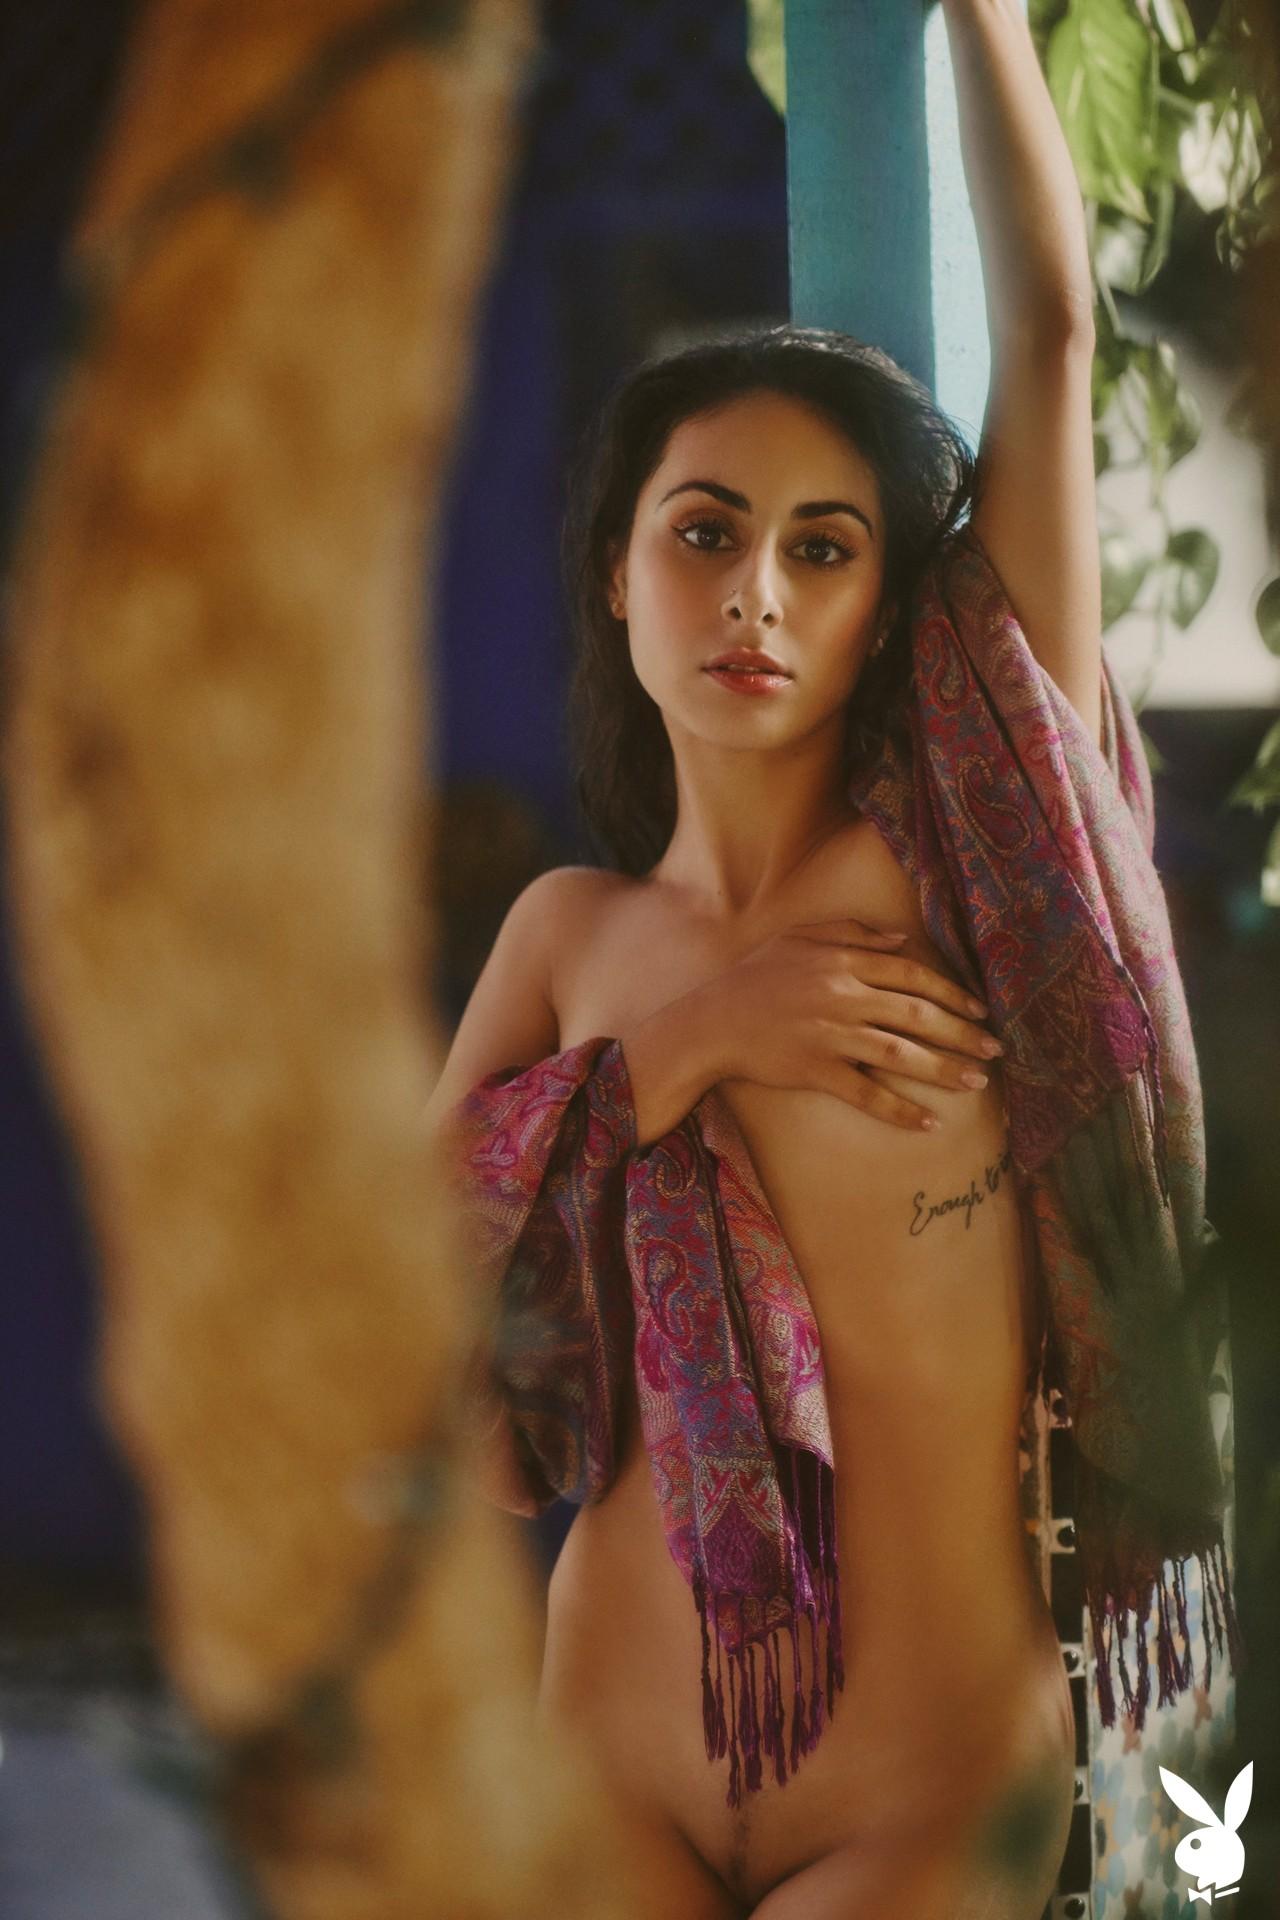 Leighla Habib In Hidden Location Playboy Plus (21)